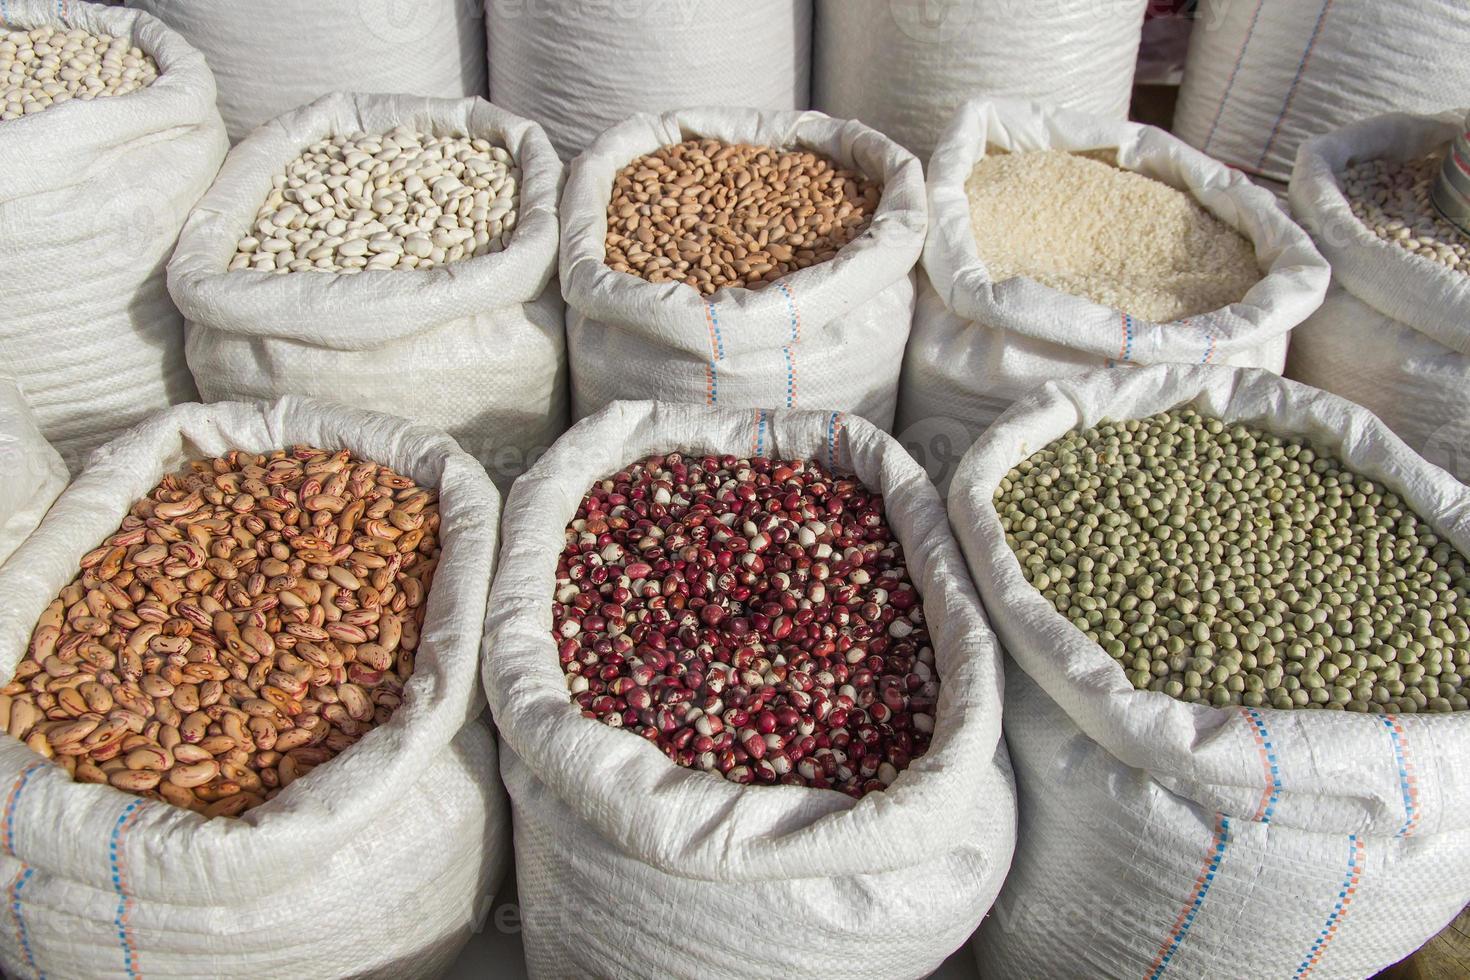 säckar med baljväxter bönor marknaden - sacos con legumbres frijoles foto